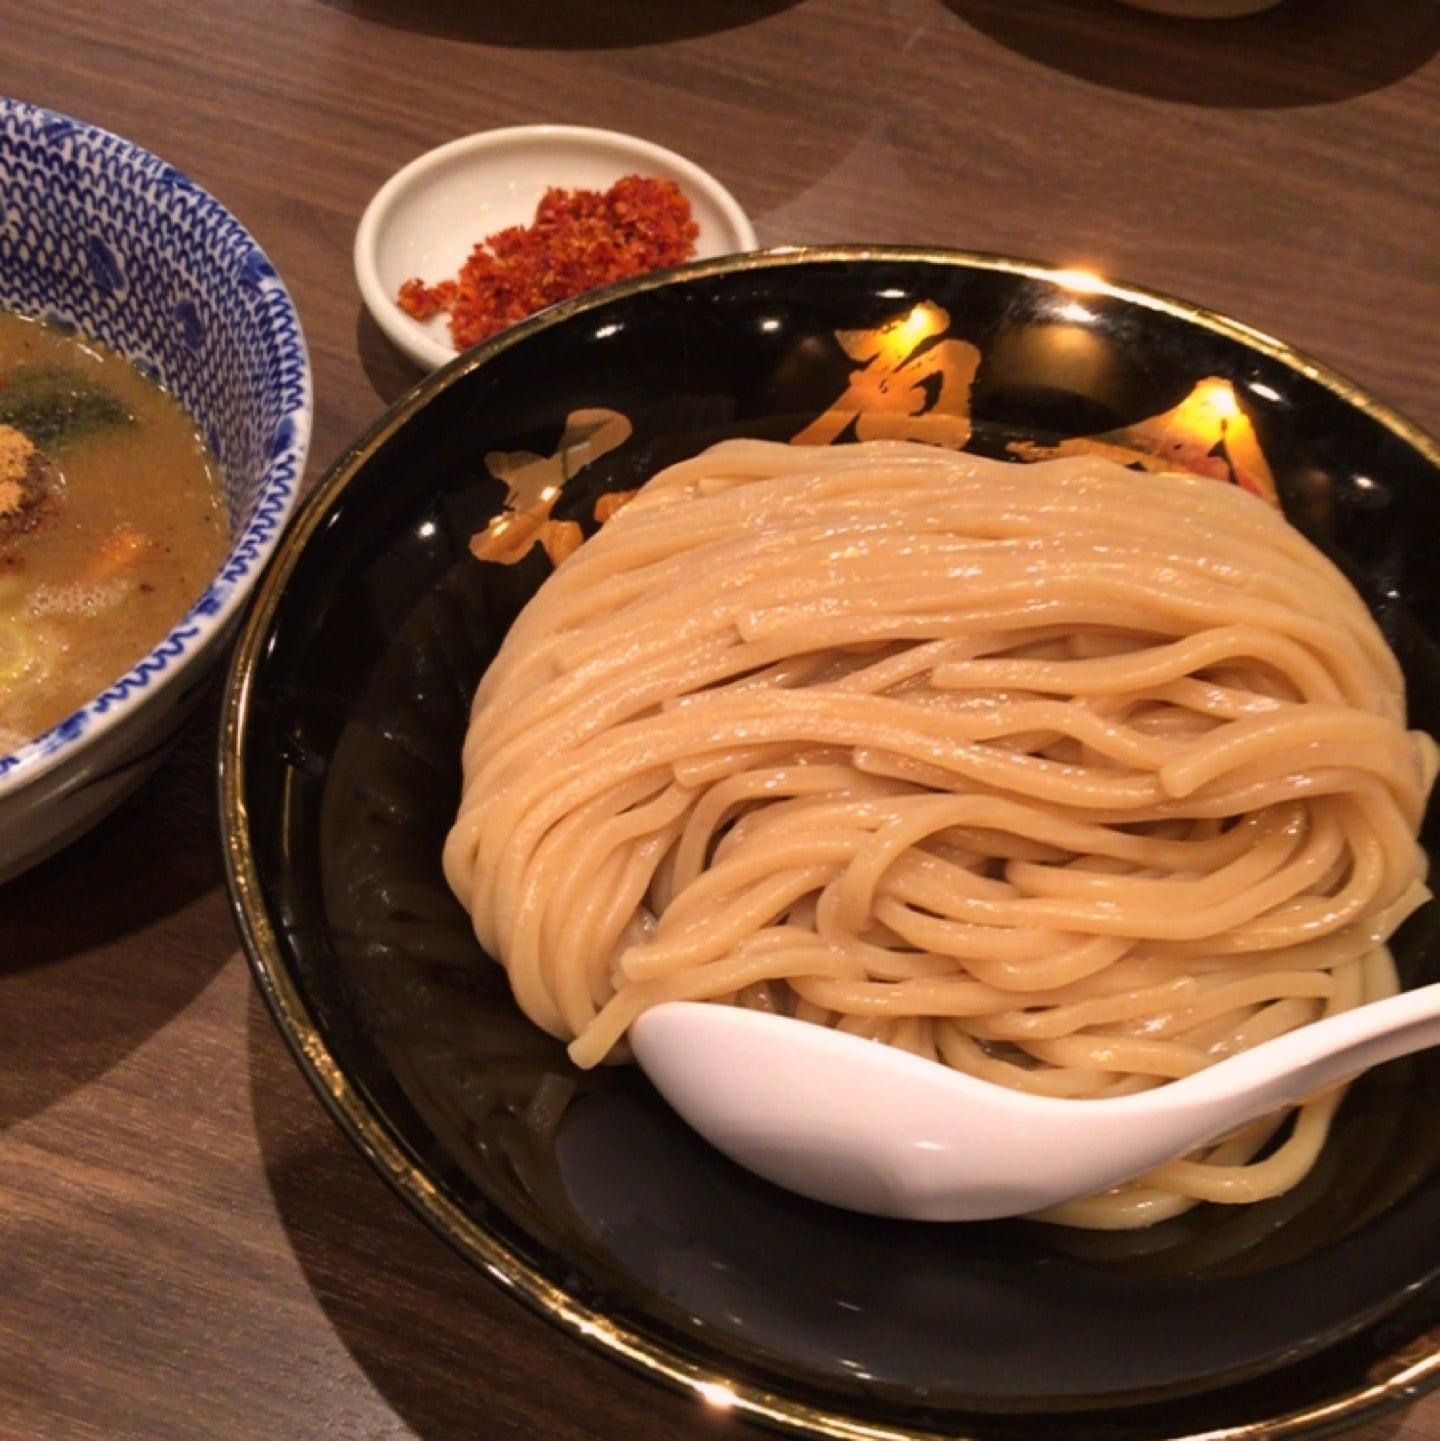 相片 - 位于押上的六厘舎TOKYO 東京ソラマチ店 | Tsukemen  - 東京